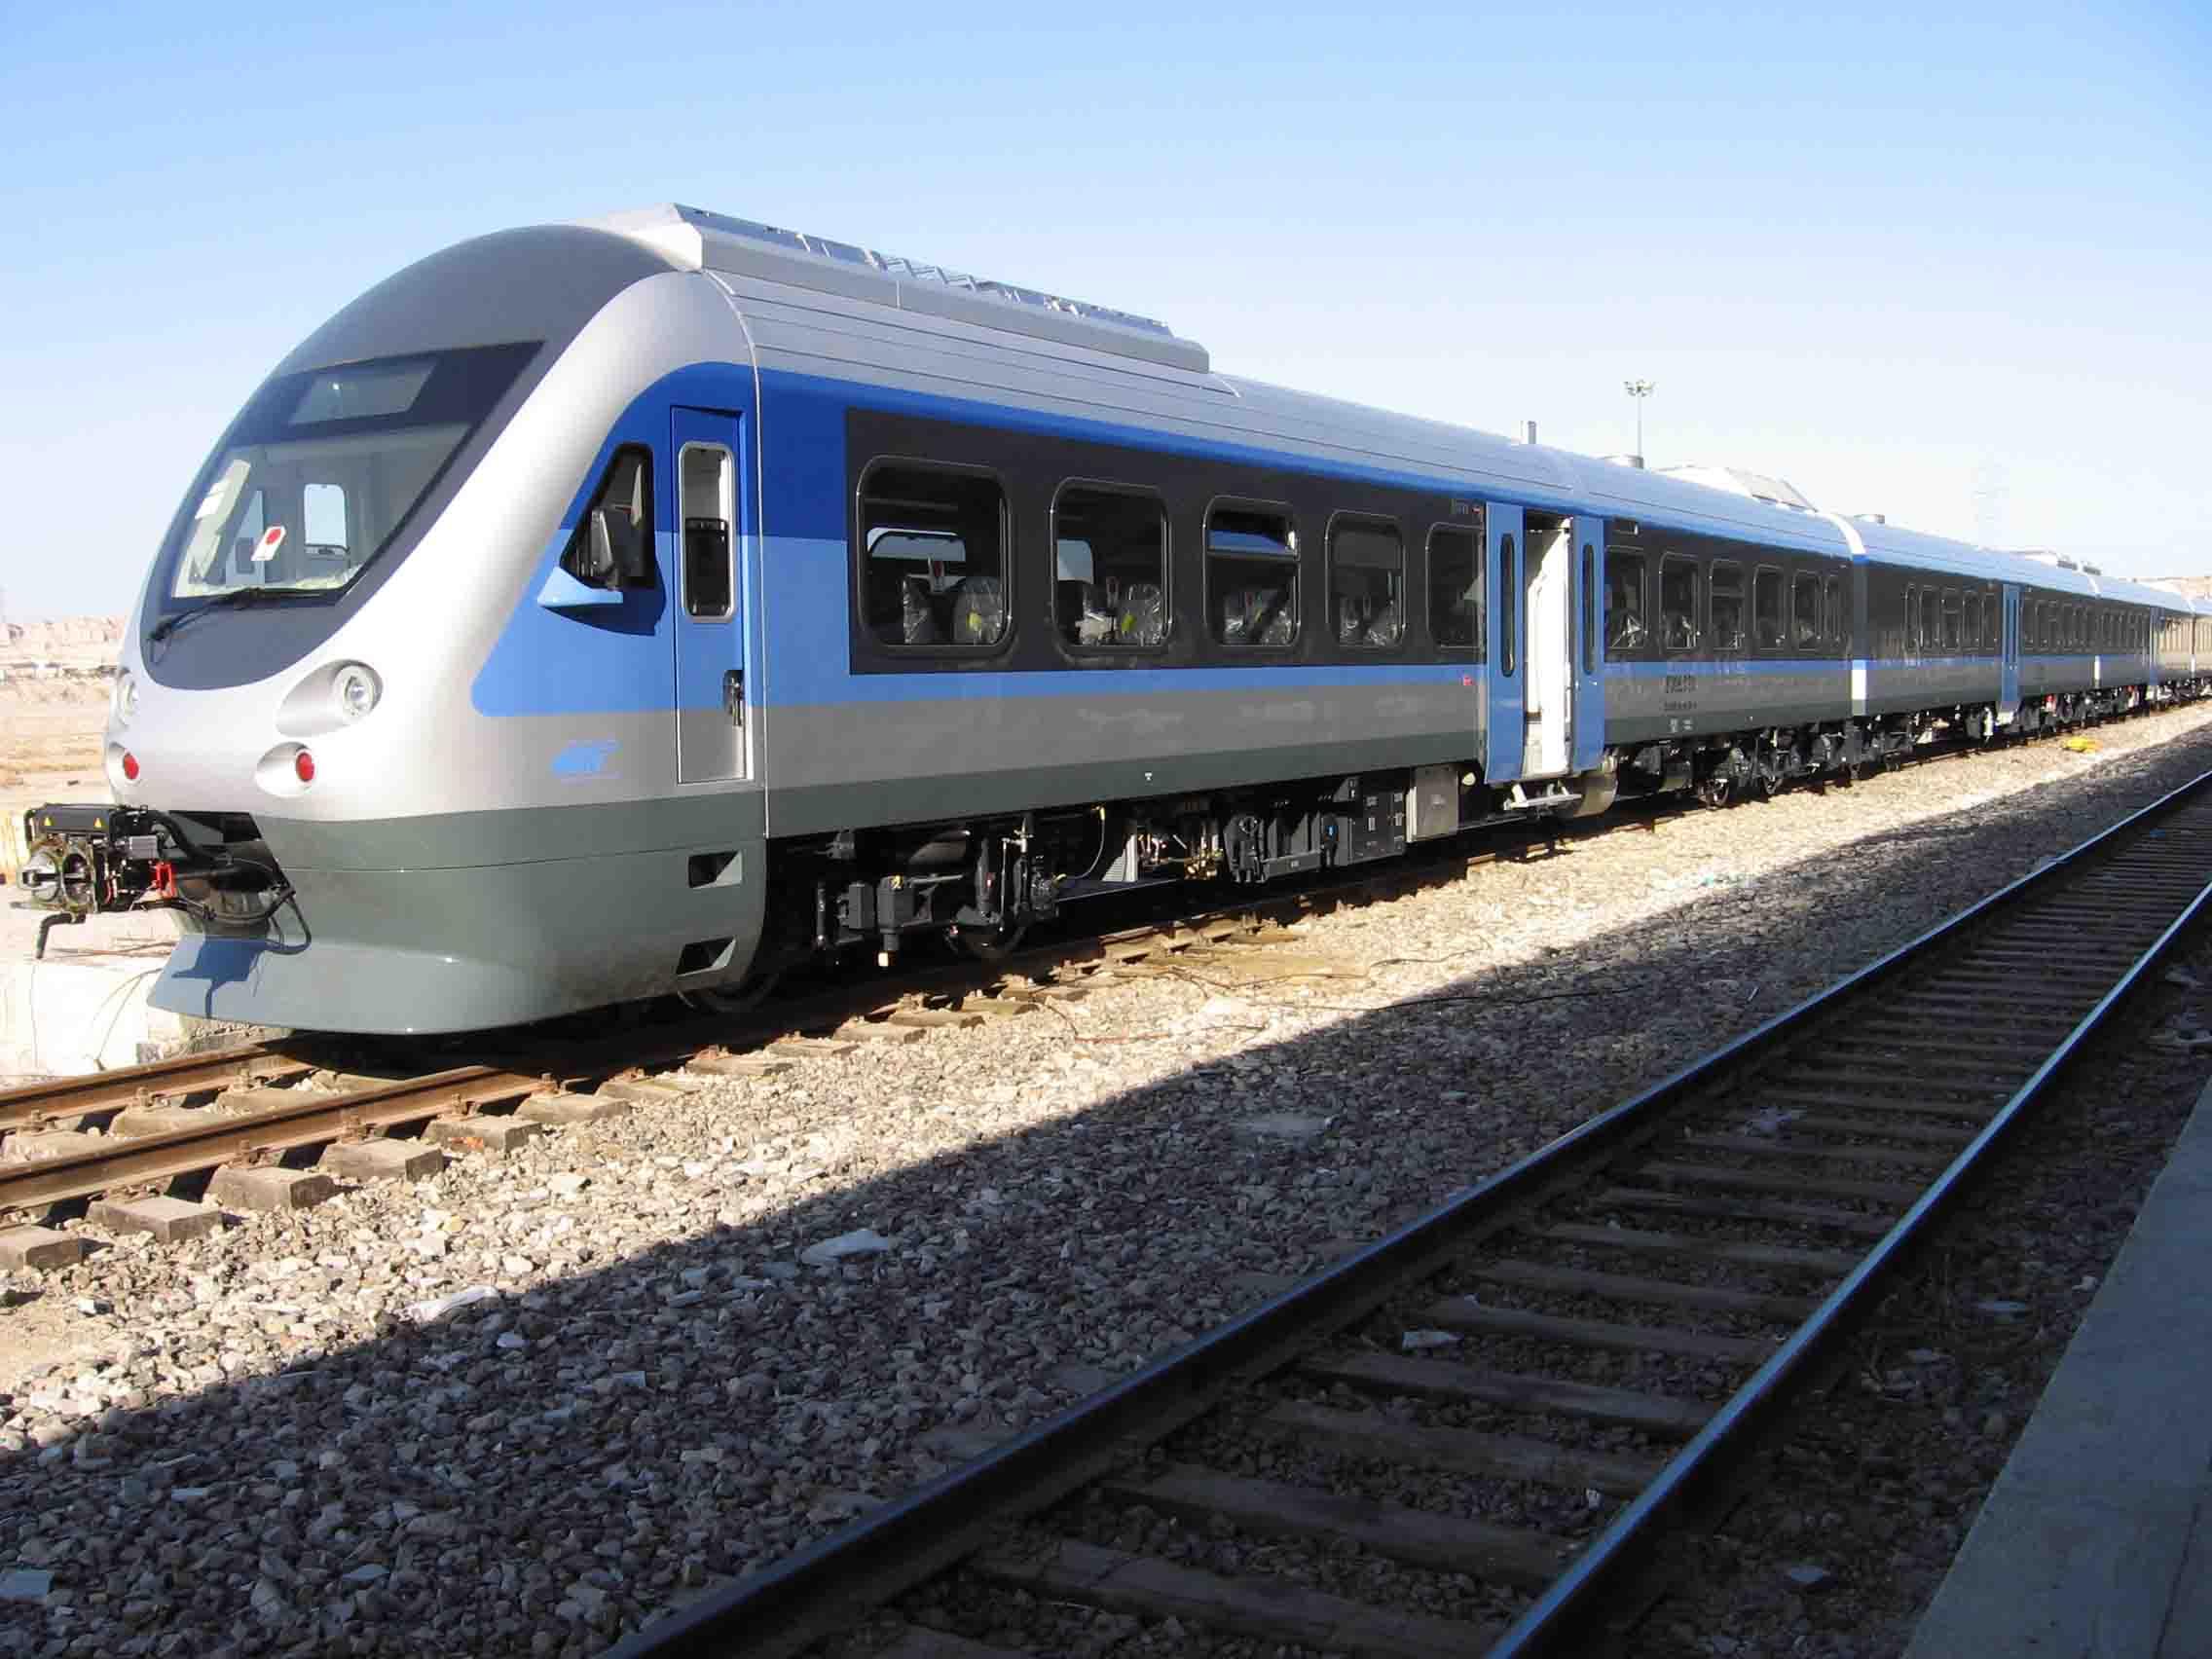 جابه جایی ۵۰۰هزار مسافر از راه آهن خراسان رضوی/۵۰ درصد سفرهای ریلی کشور به خراسان رضوی است